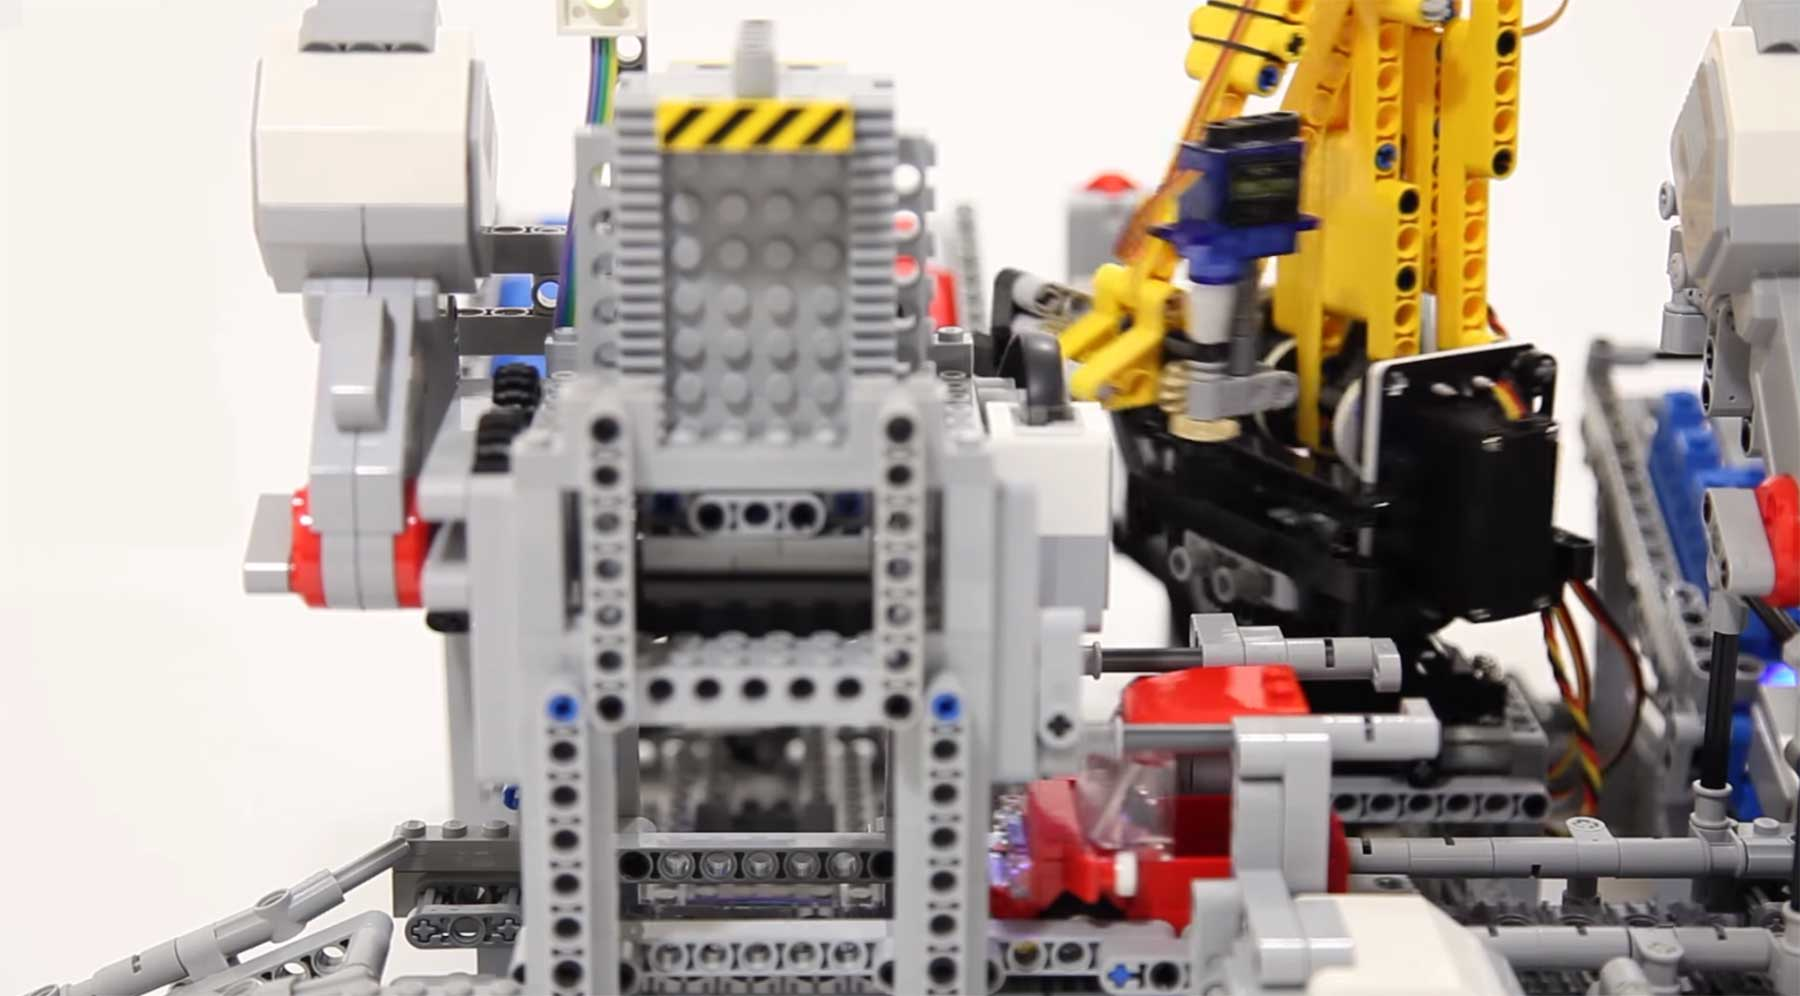 Ein funktionierendes Autofertigungsband aus LEGO LEGO-Autofabrik